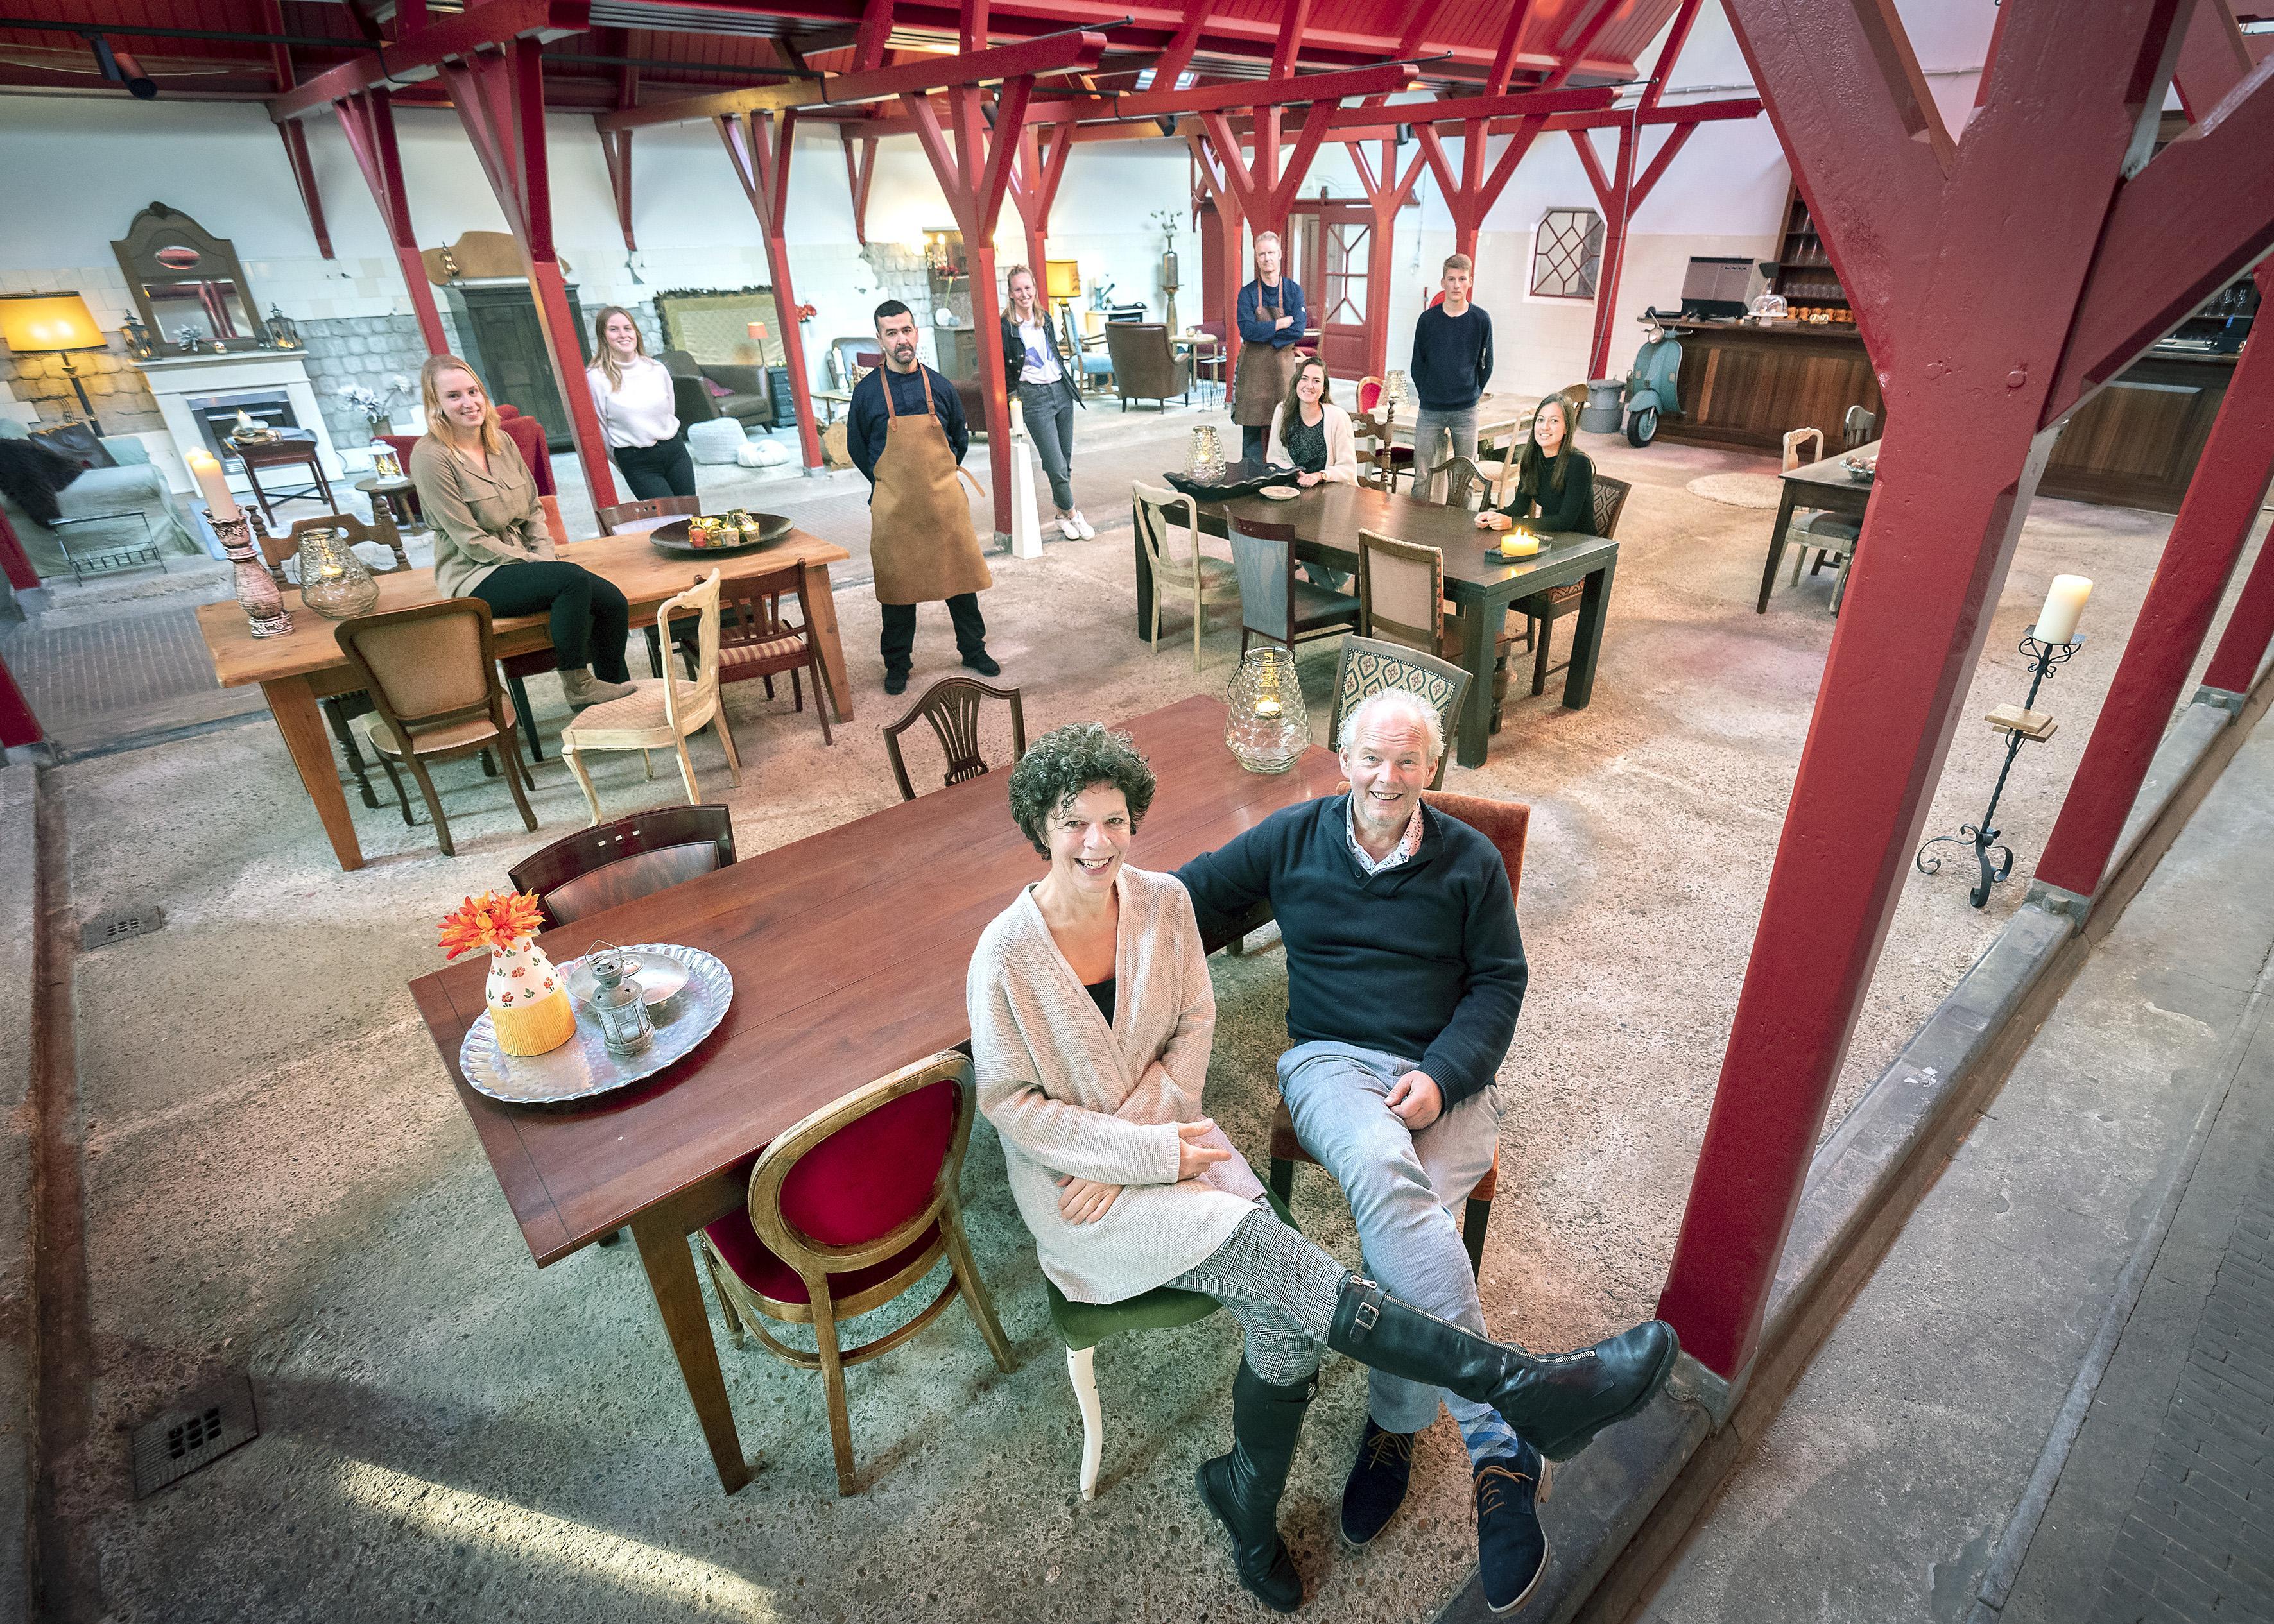 Orangerie Elswout in Overveen opent tijdelijke horecagelegenheid in oude stalboerderij: 'We doen het uit pure nood'